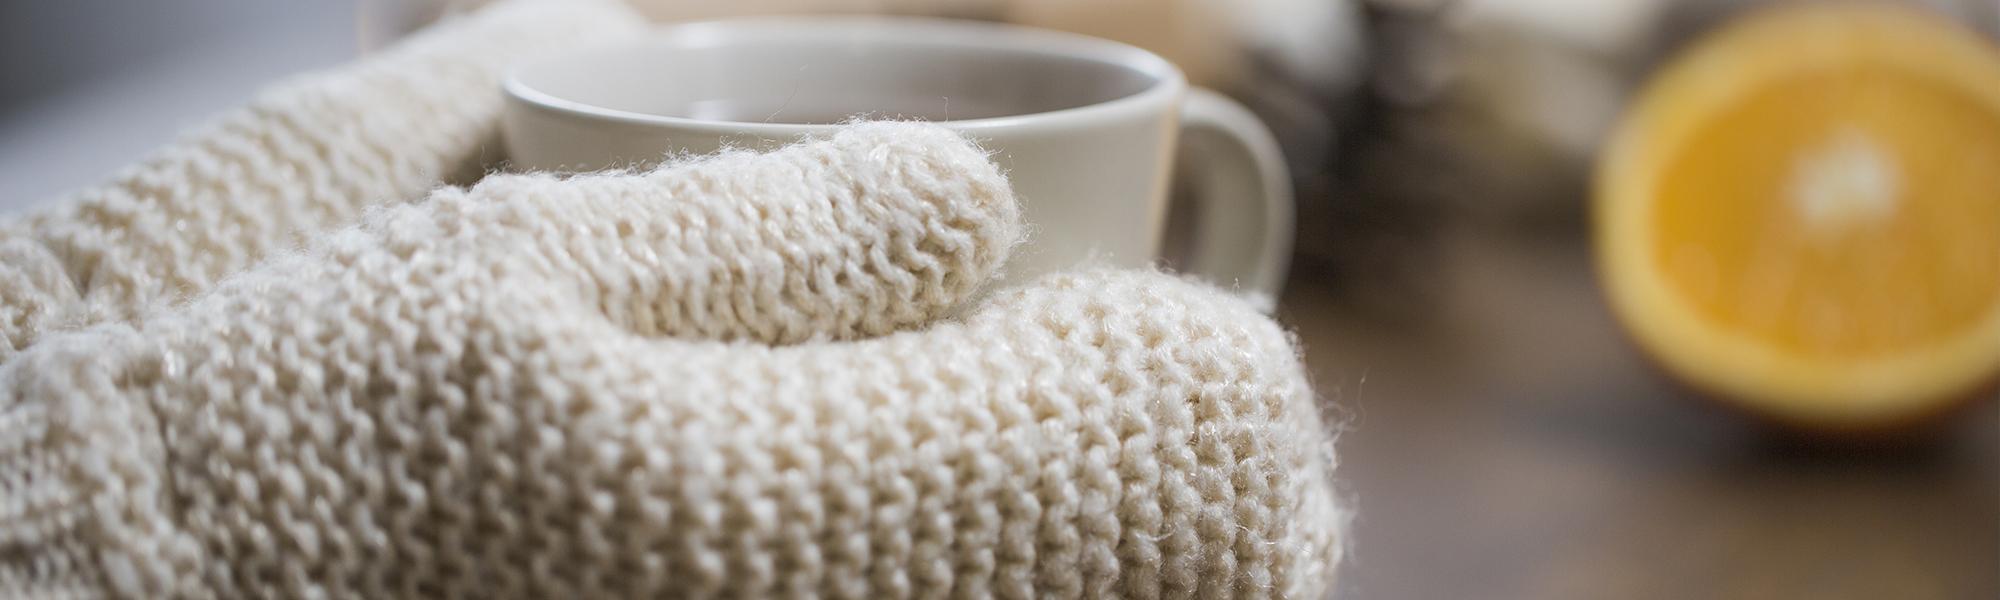 Umidificazione e controllo dell'umidità nelle case in Inverno